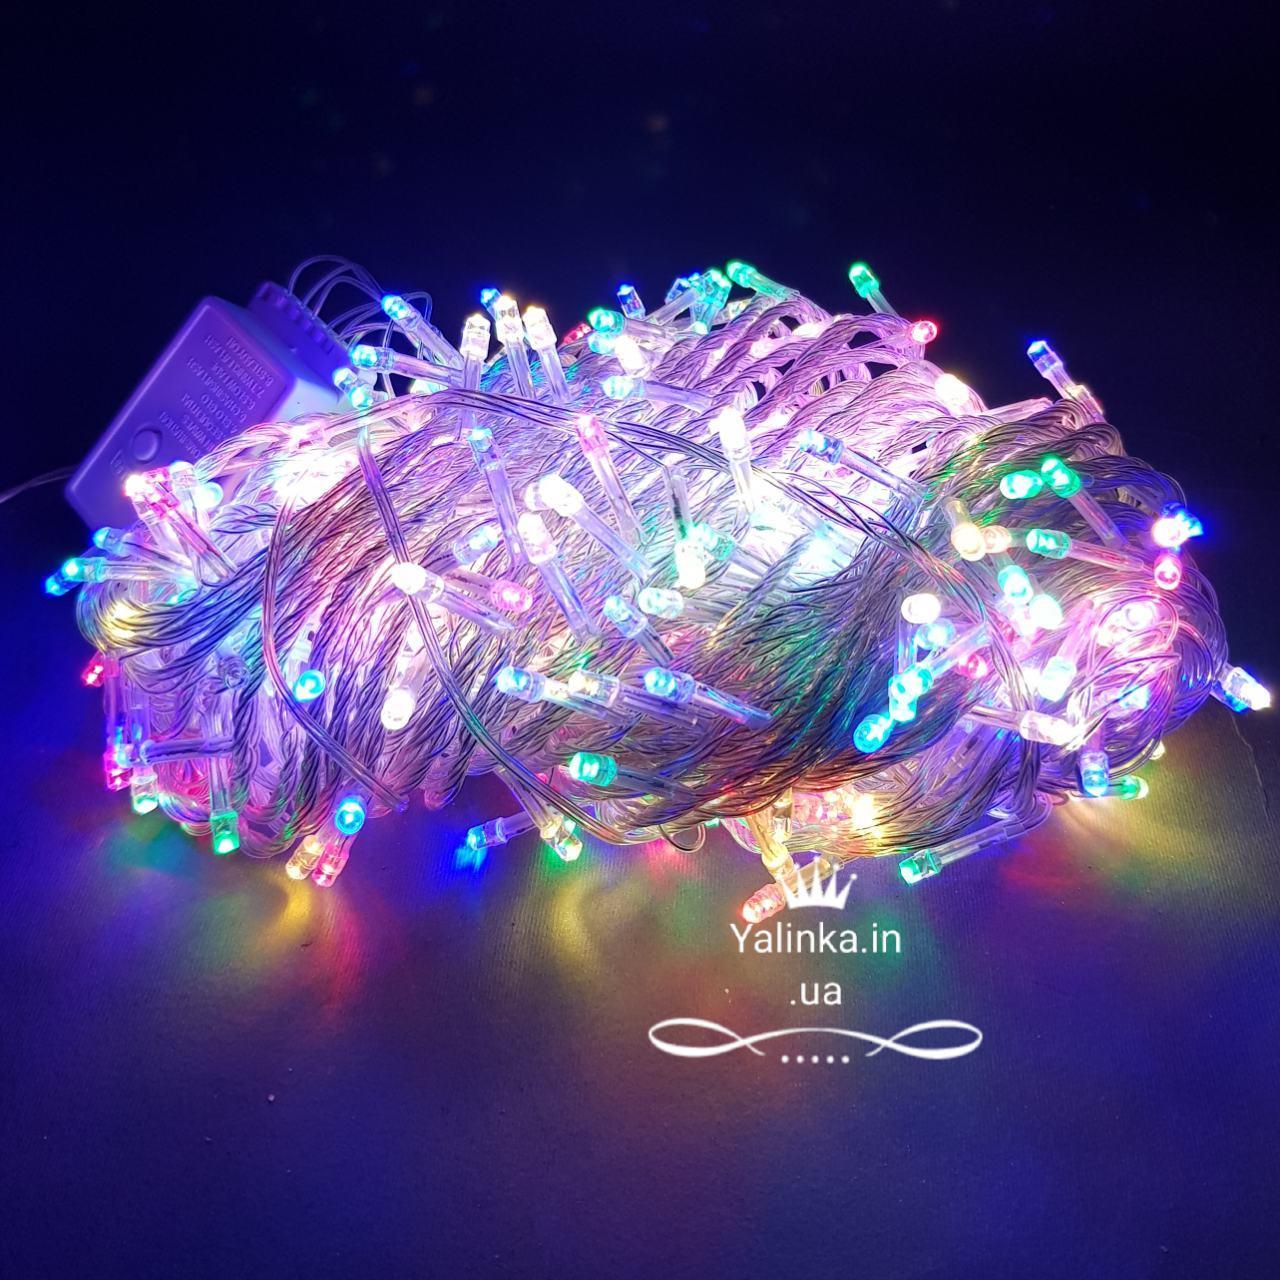 Гирлянда электрическая LED 500 новогодняя мульти -разноцветная   LED